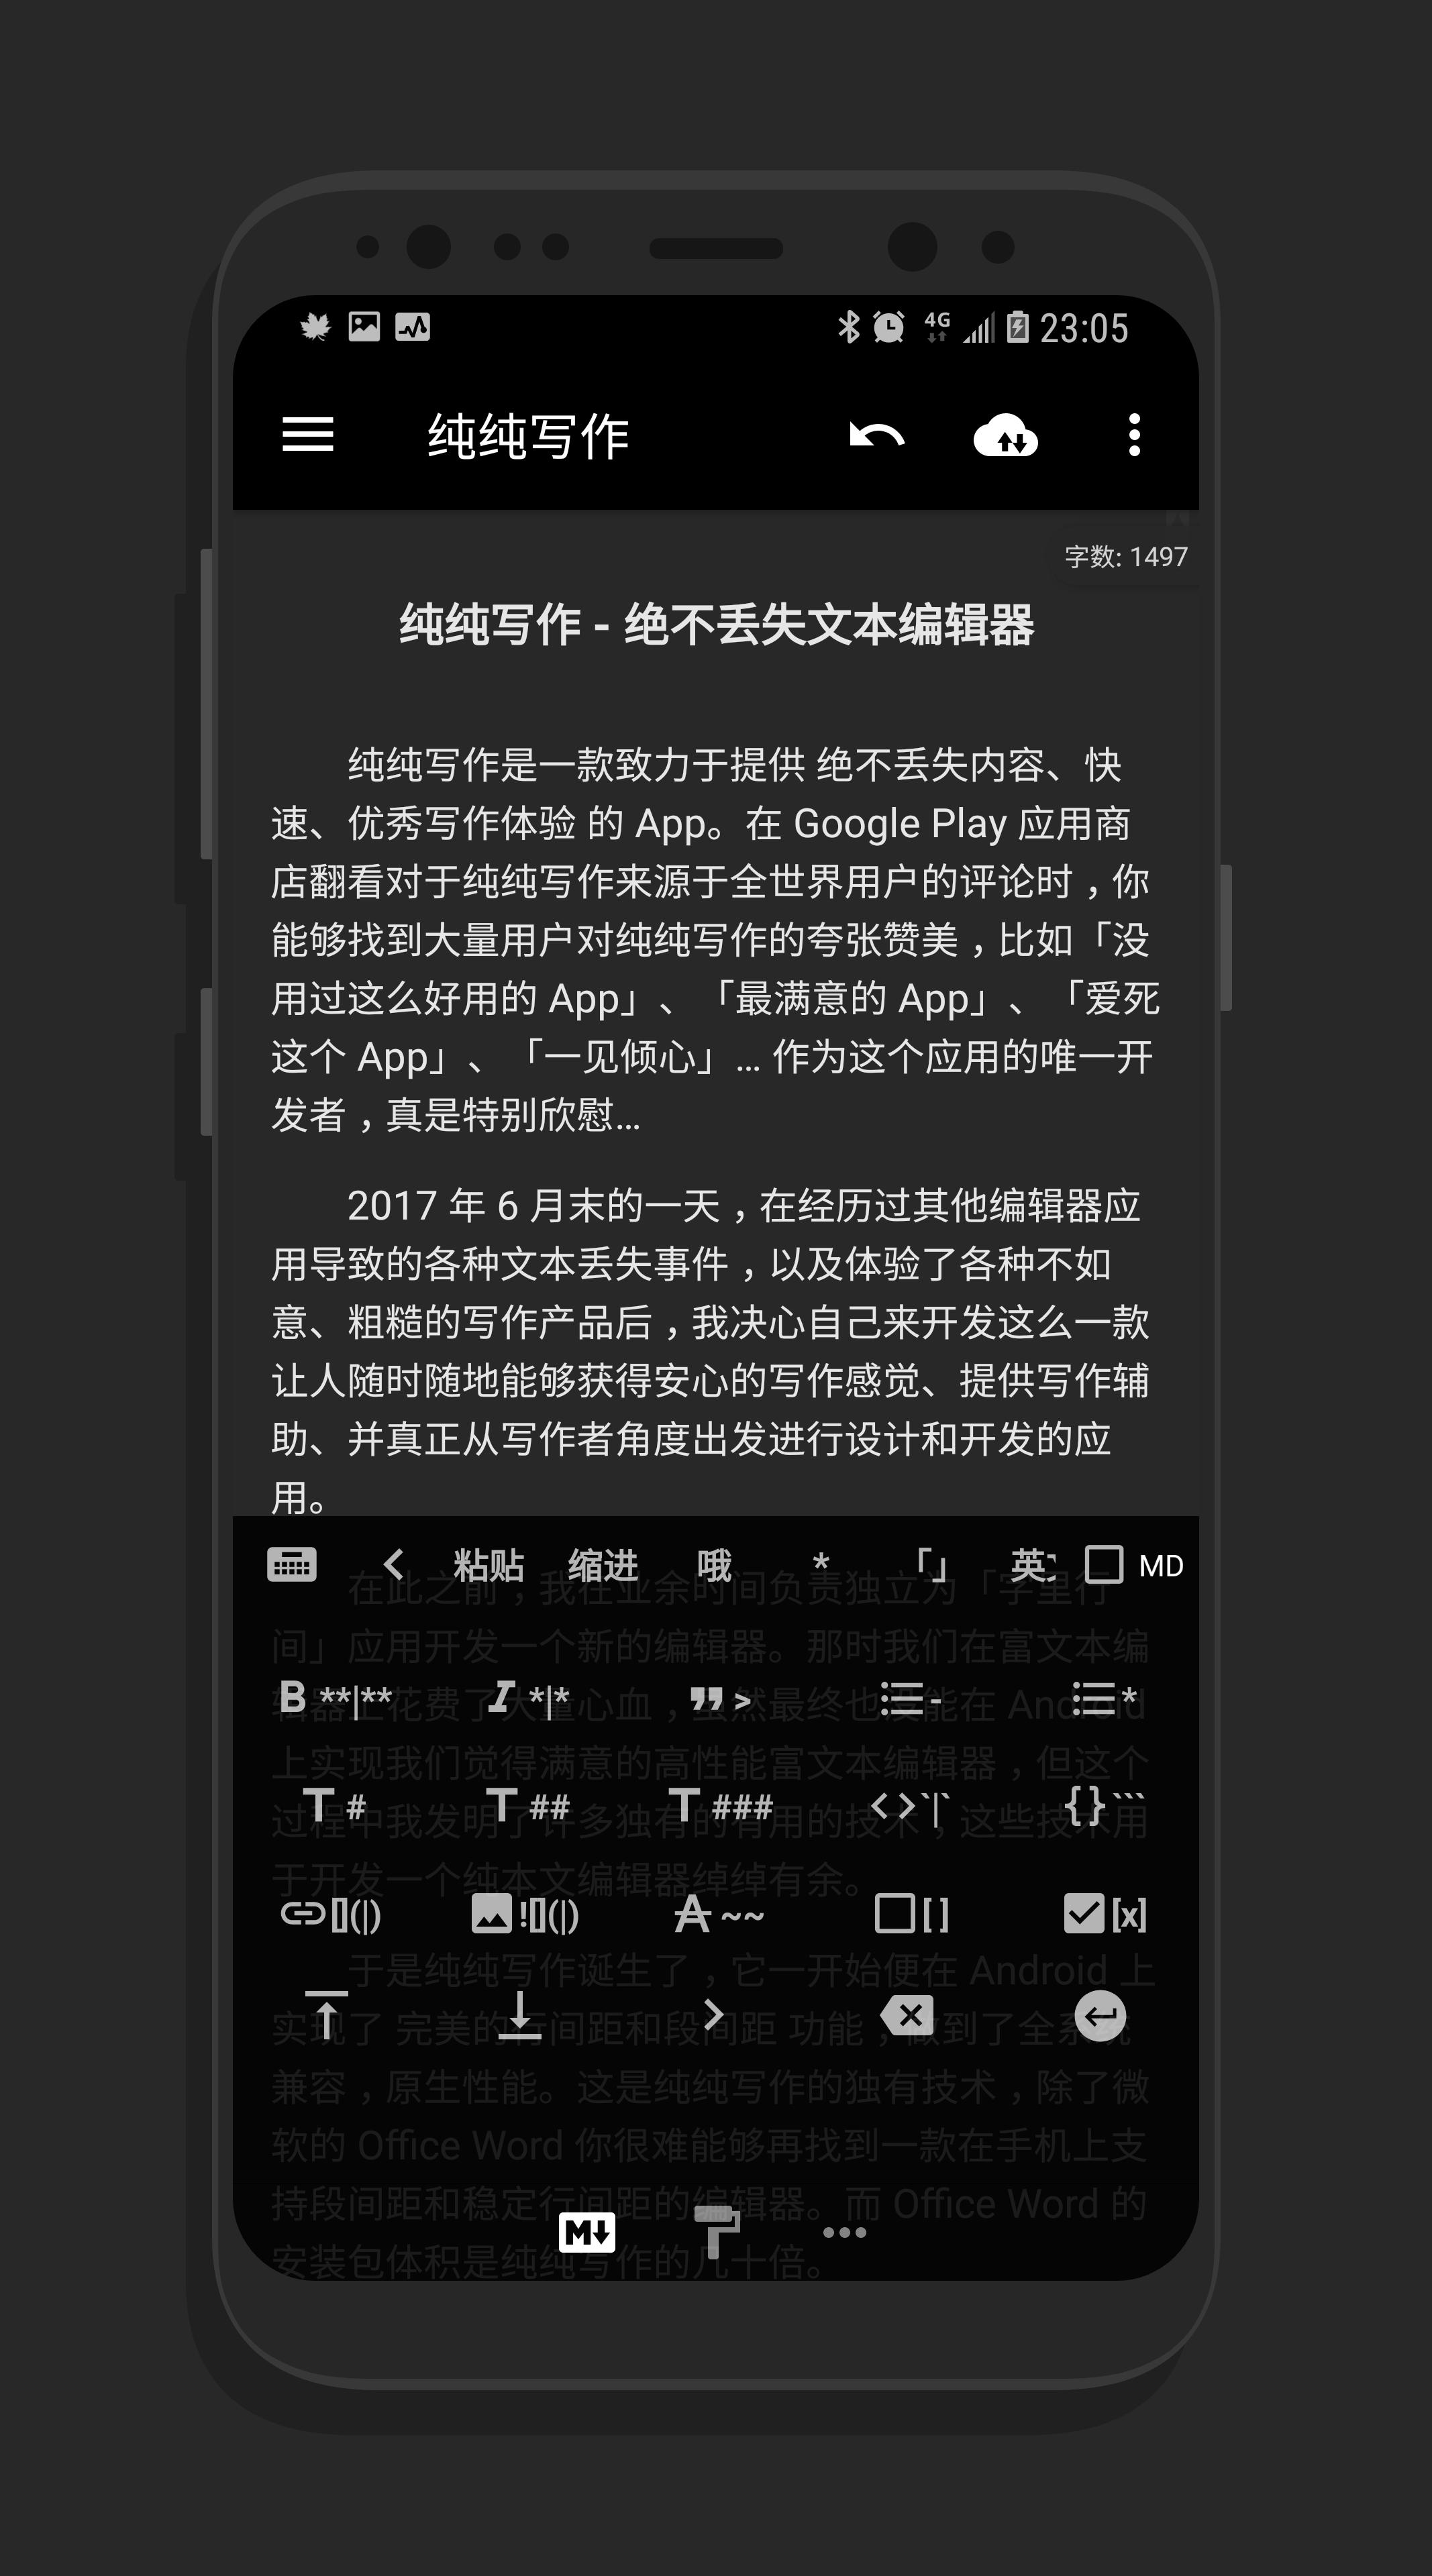 发现一个超赞的Android库-第2张图片-798资源网